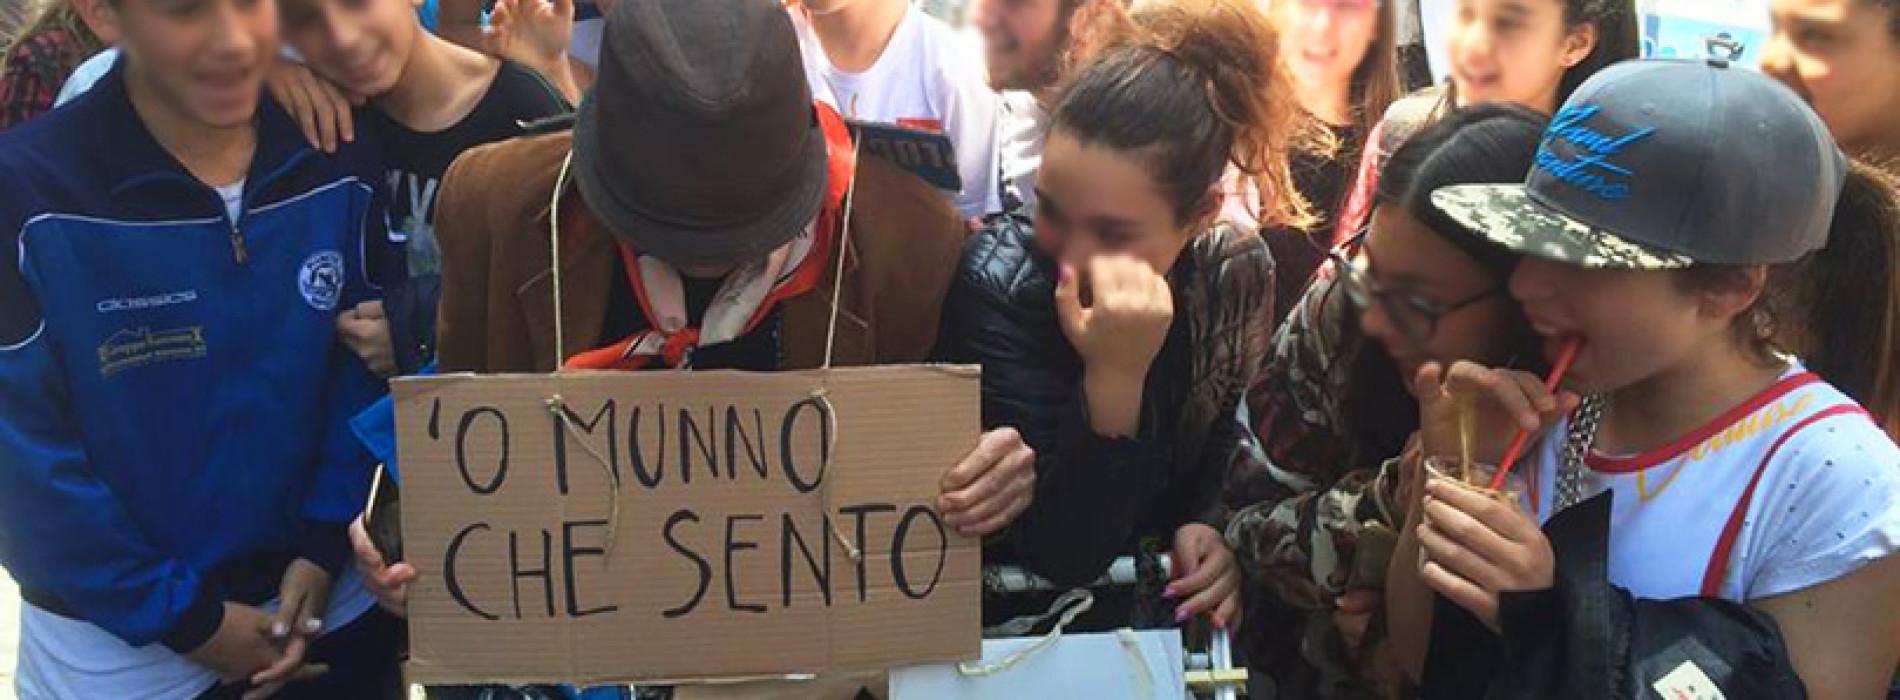 Vomero, Centro, Chiaia: chi è questo strano personaggio che gira per Napoli?